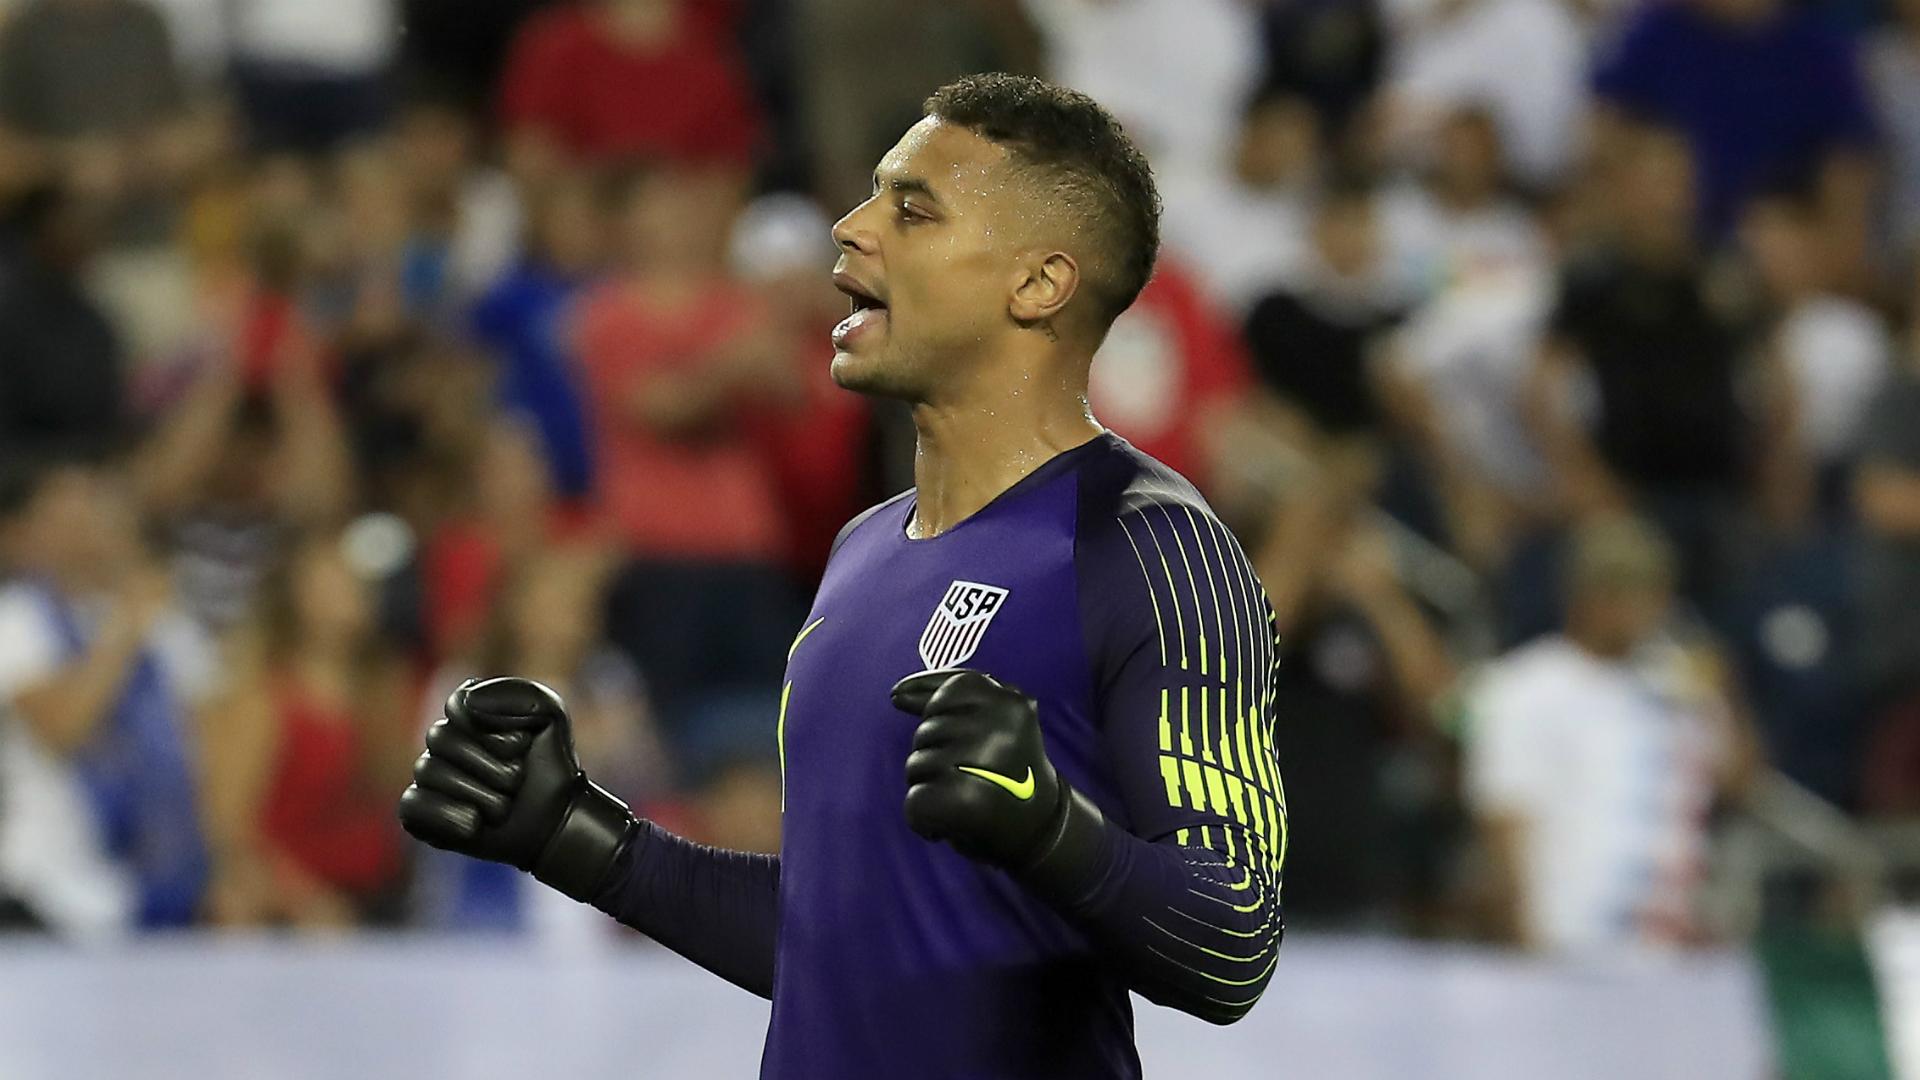 Manchester City loan United States goalkeeper Steffen to Fortuna Dusseldorf